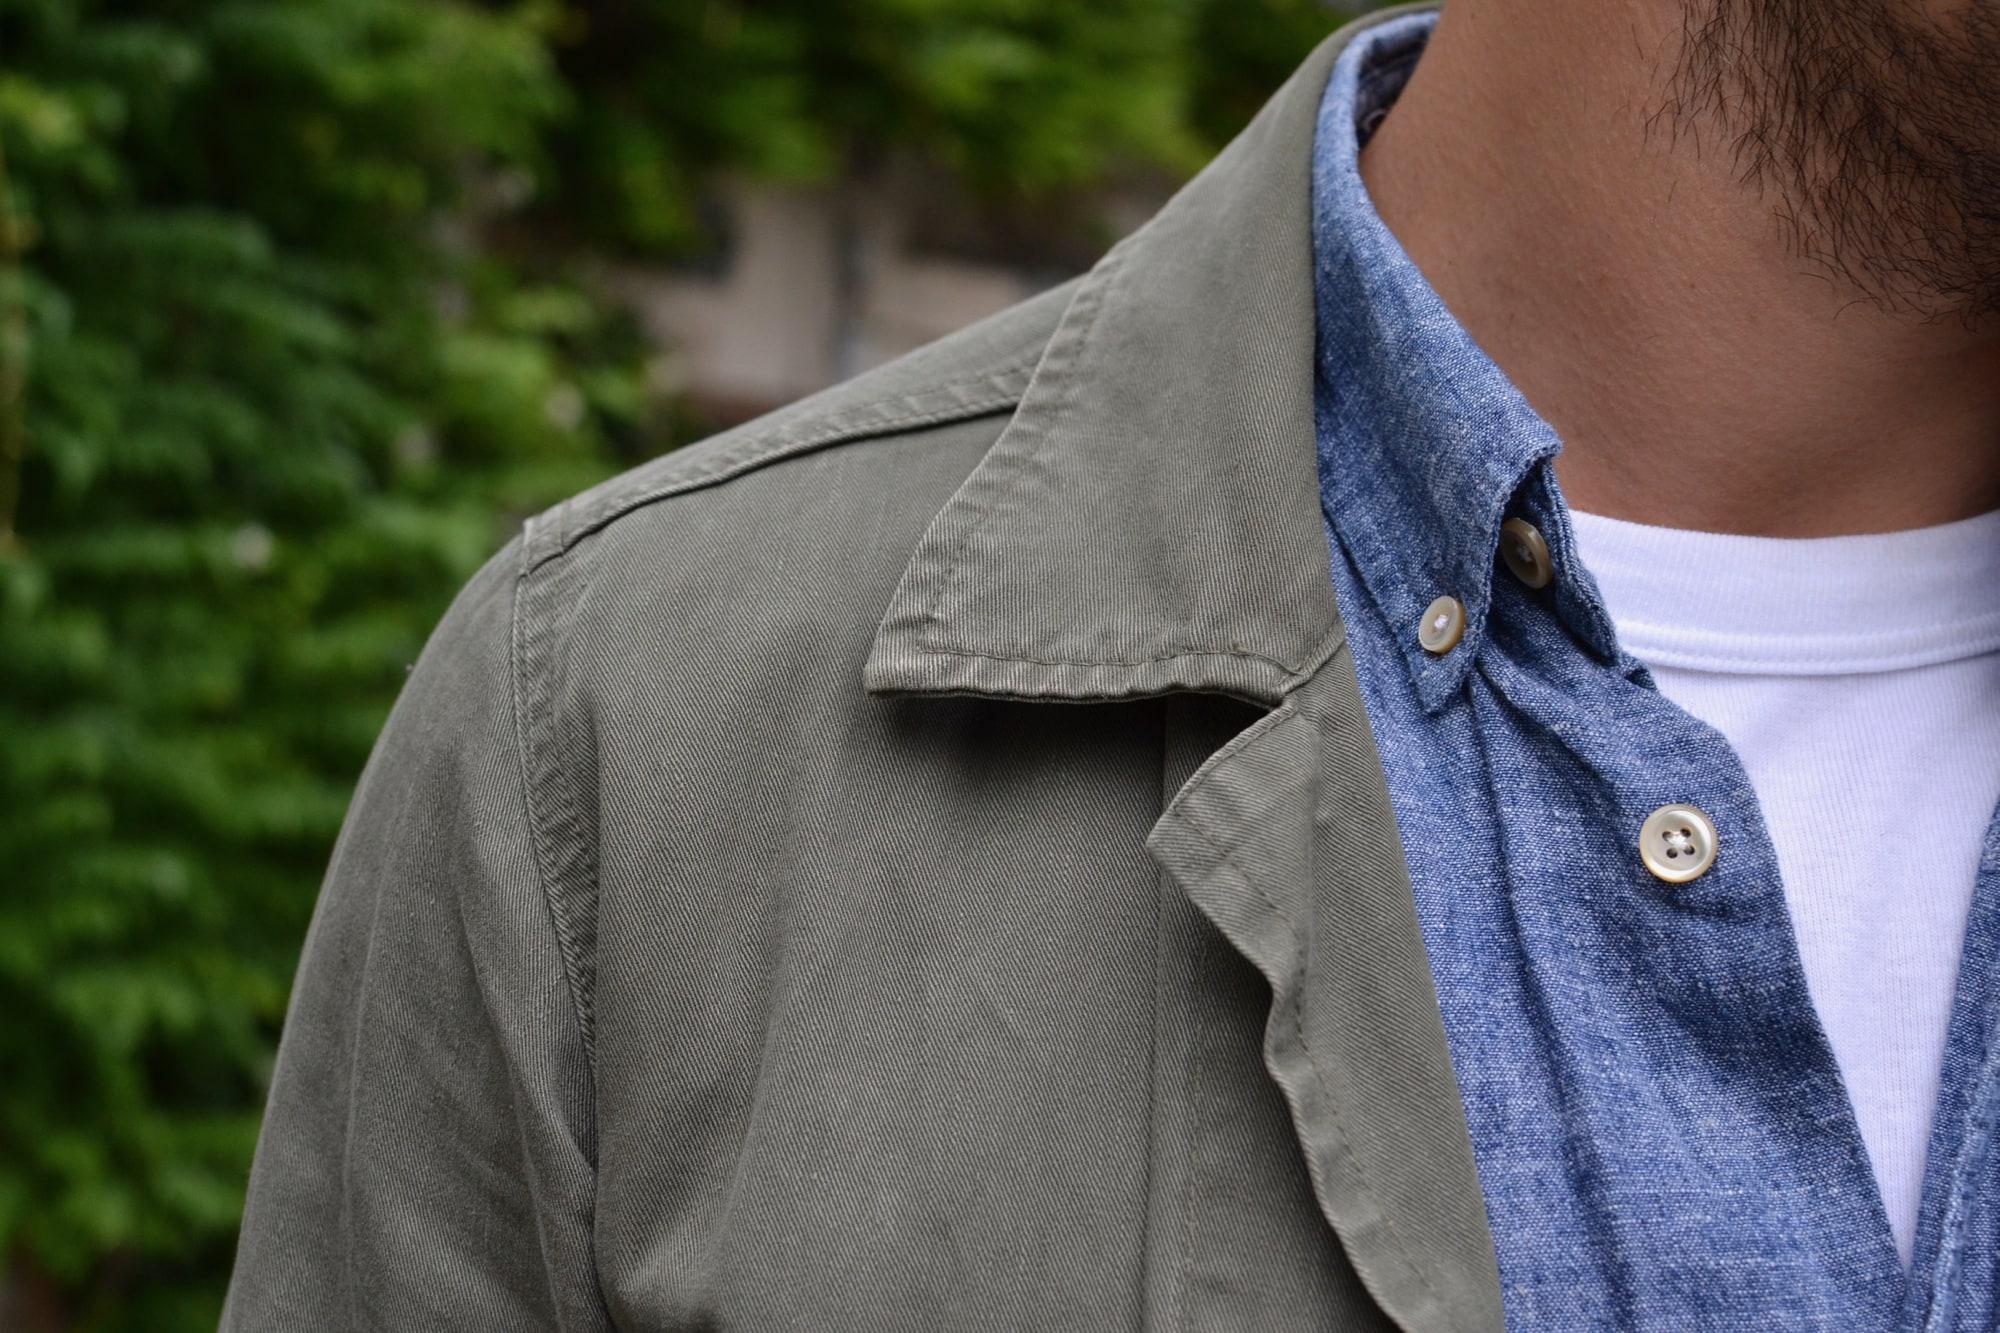 une tenue style street heritage avec un jean tapered phi denim une visvim kilgore jacket et une chemise en chambray indigo. portés avec des sneakers standard fair Sport camp en honey en cuir naturel